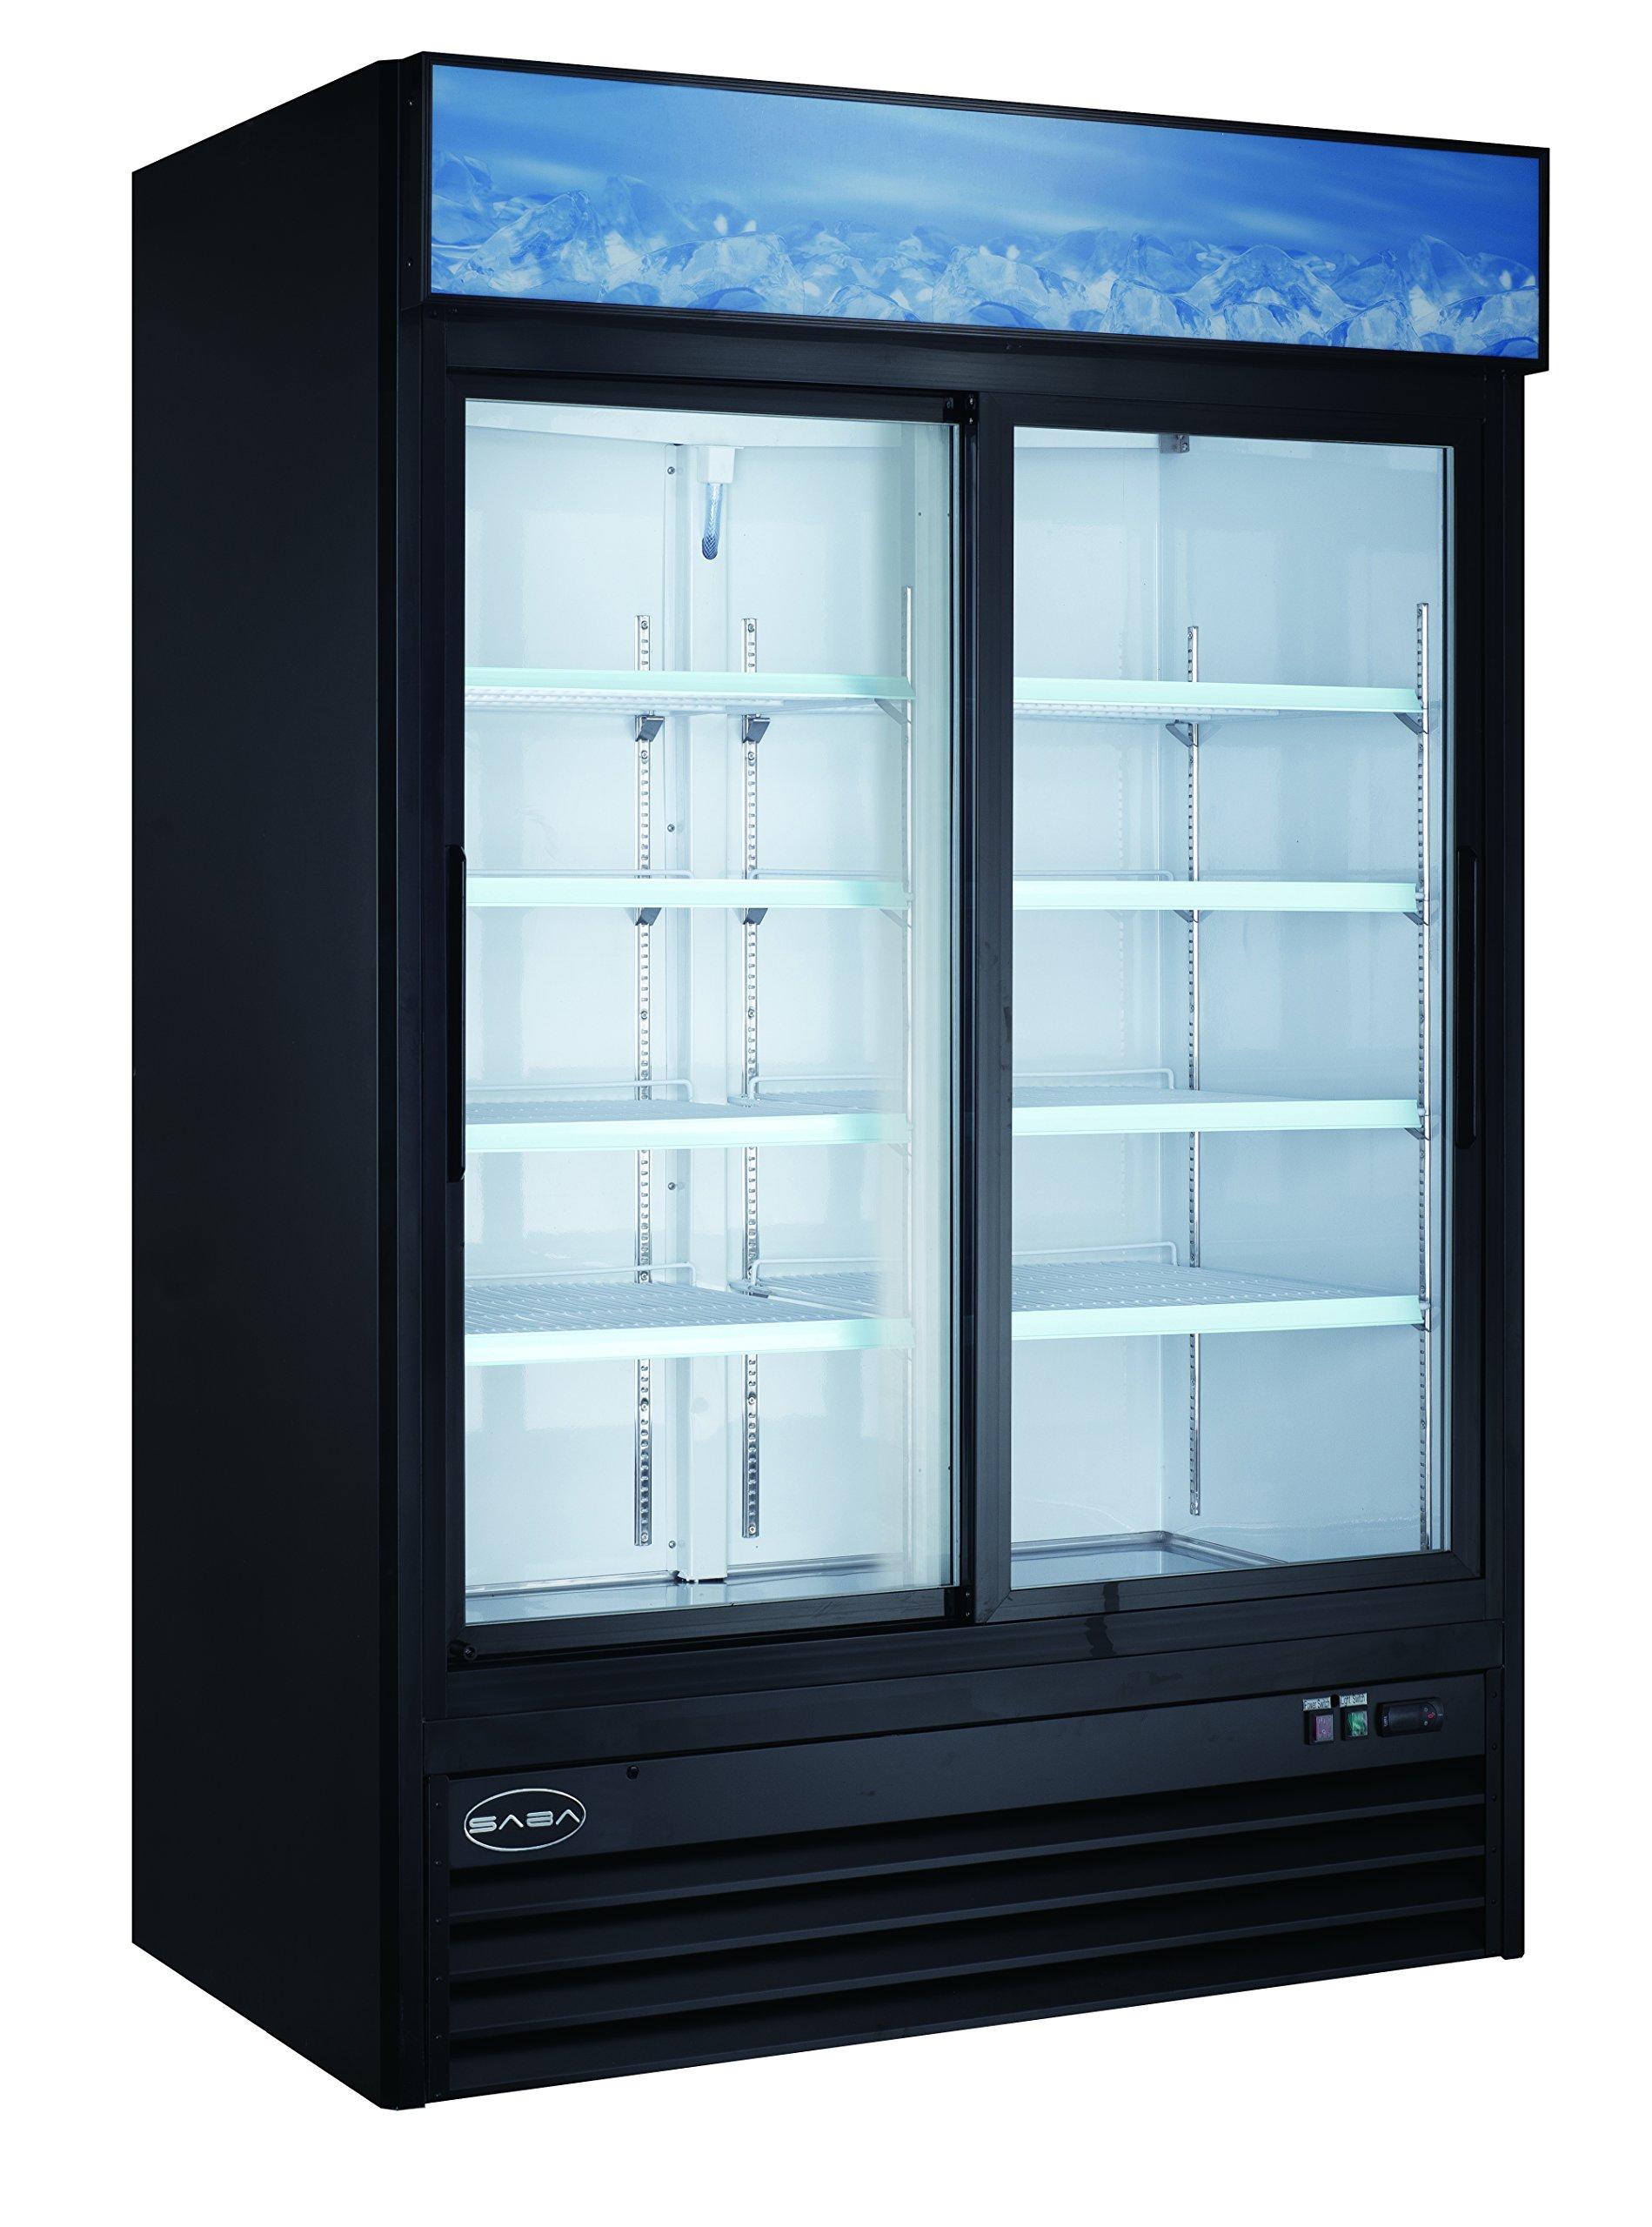 Two Sliding Glass Door Reach-In Refrigerator Cooler Merchandiser Display Case